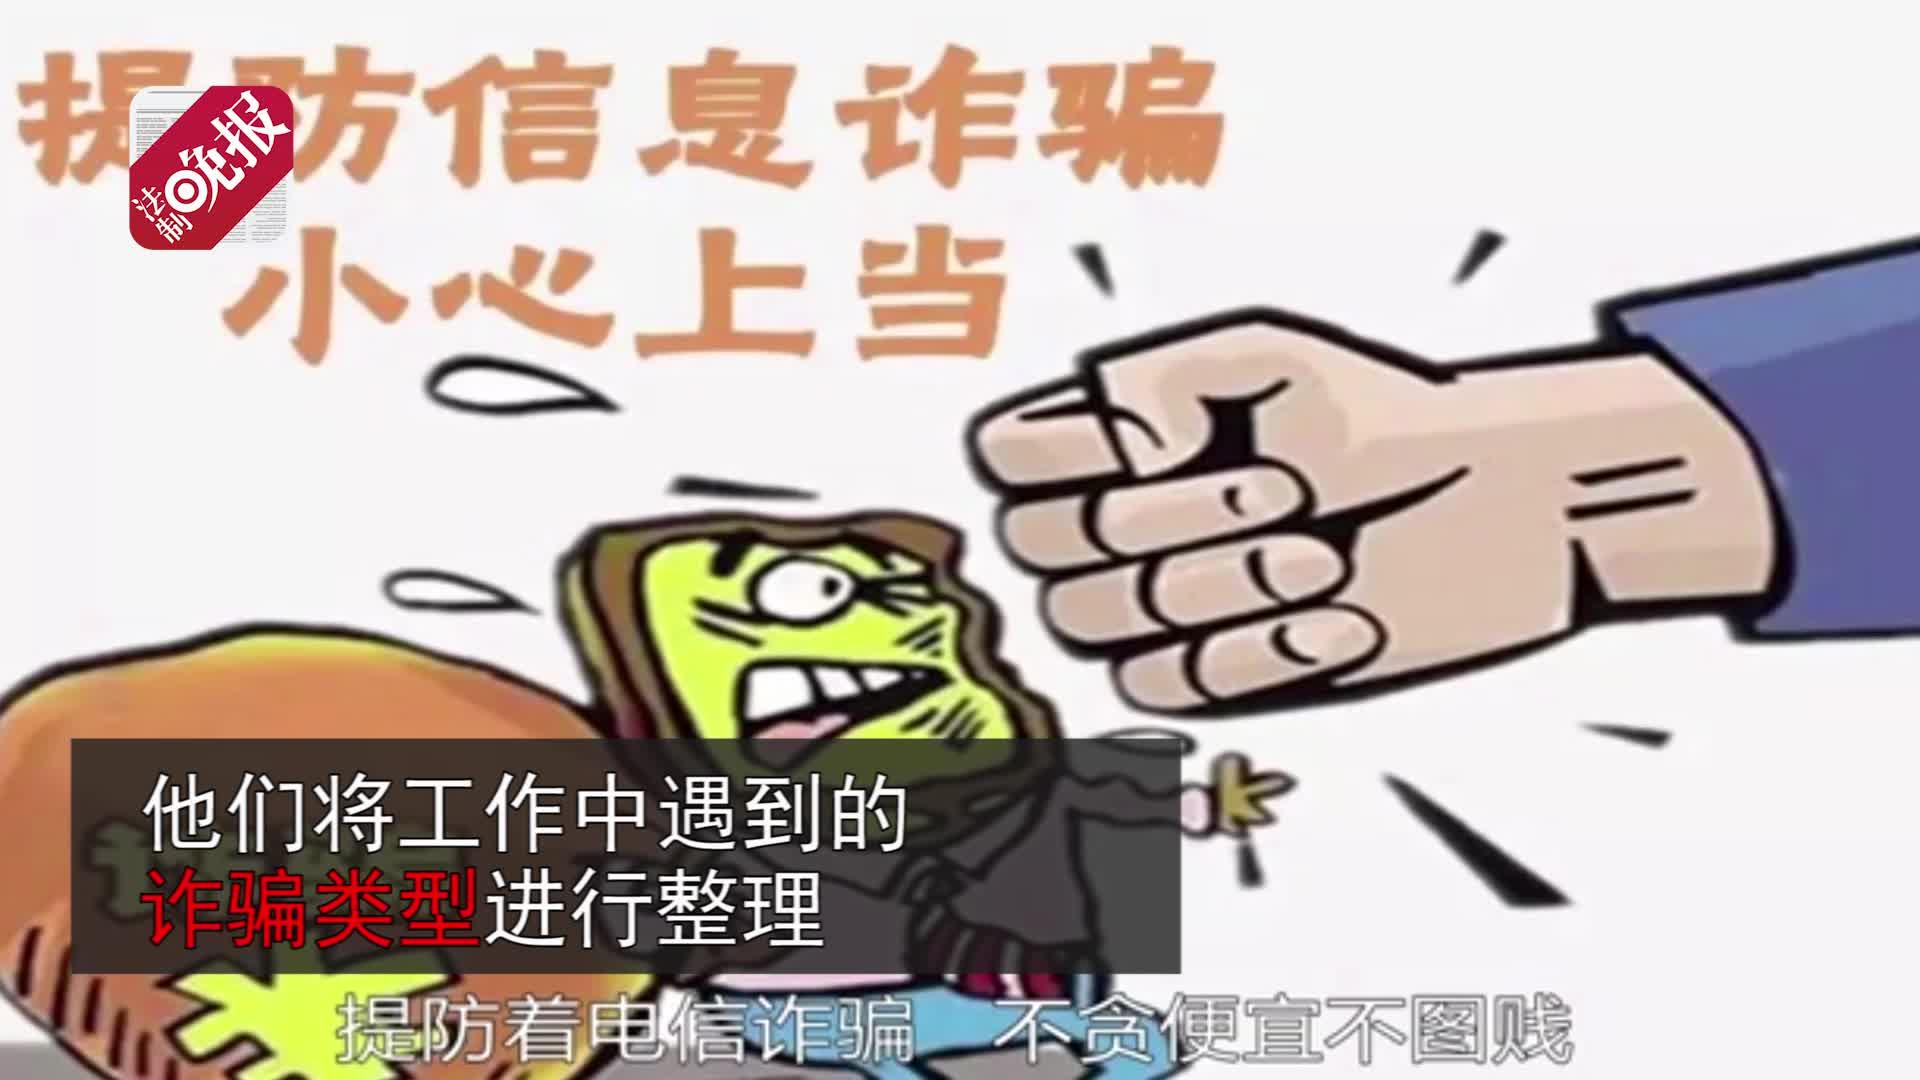 民警喊麦反v民警-腾讯全网西瓜搜视频唐砖视频图片